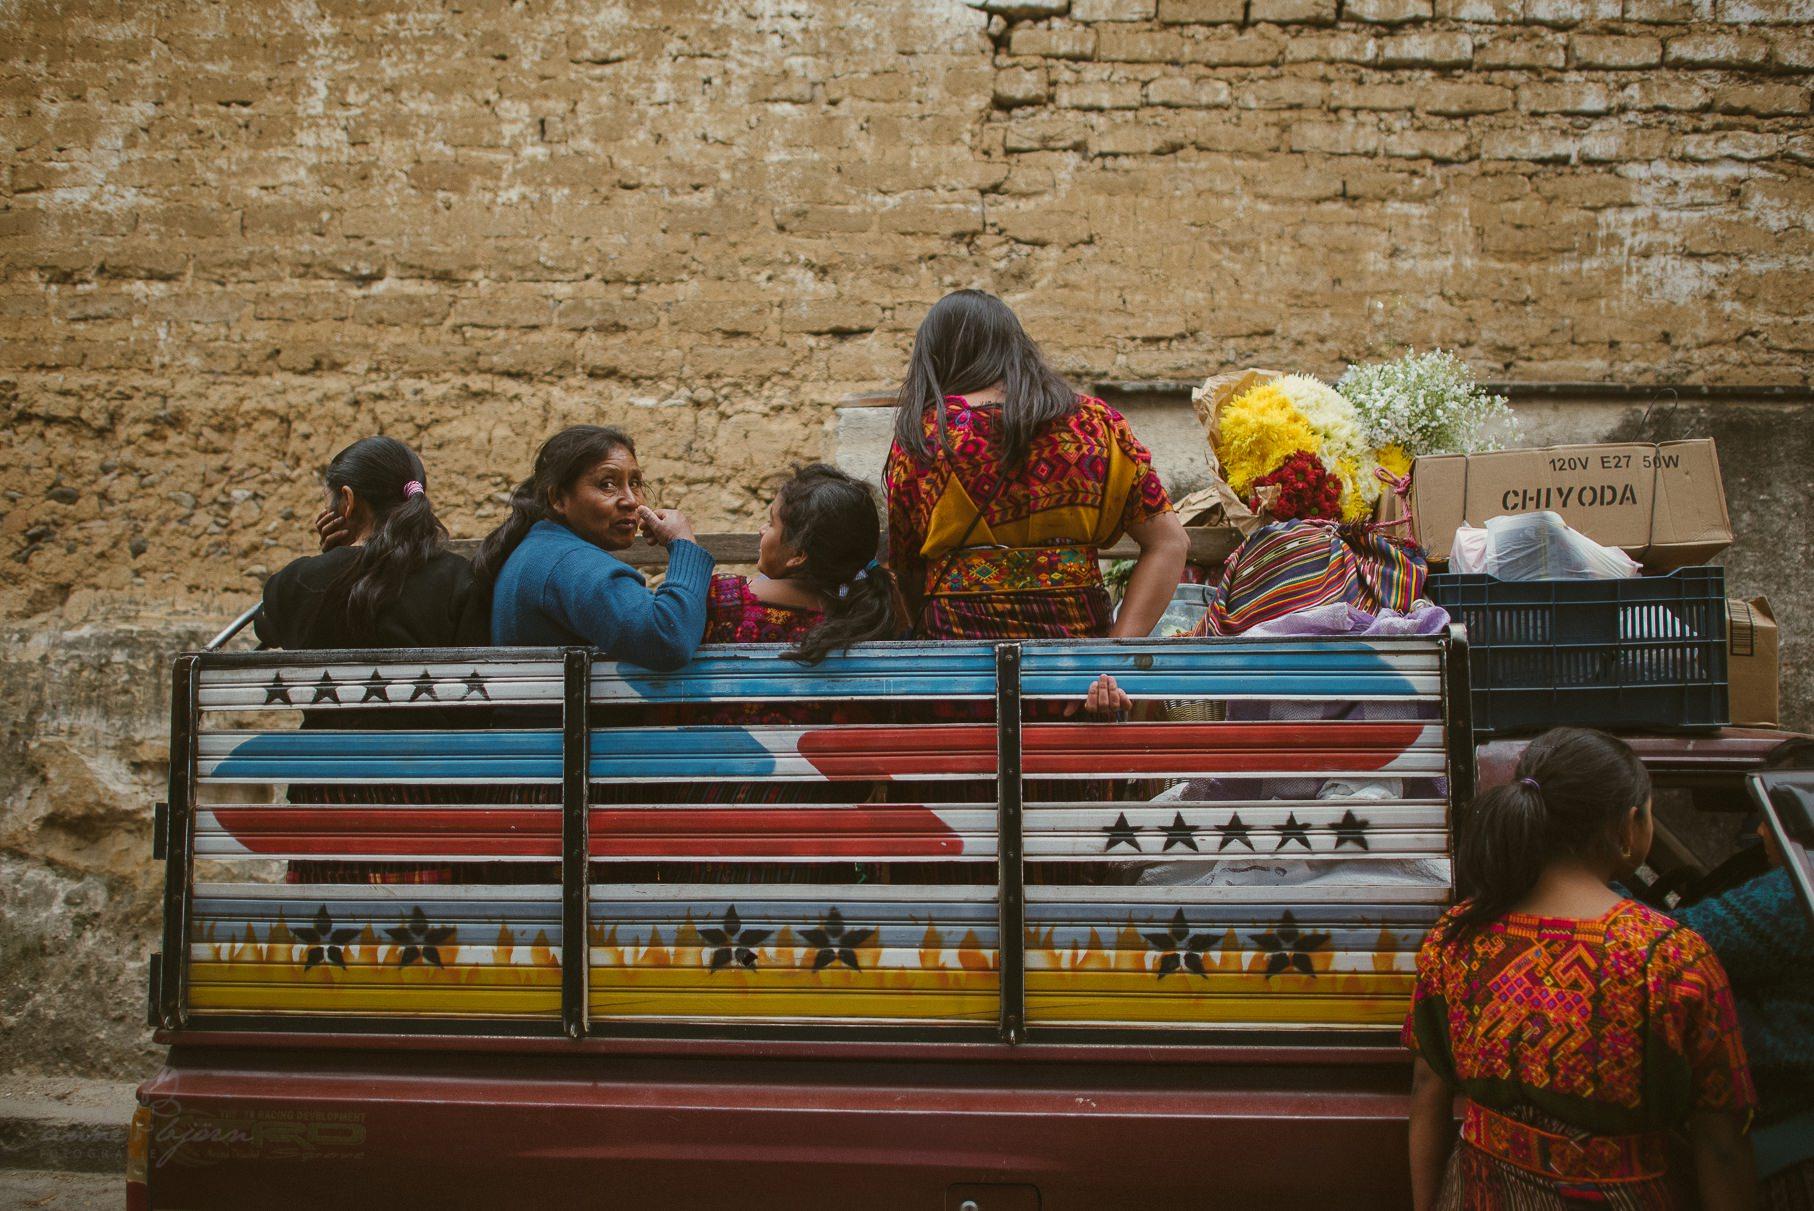 0125 anne und bjoern guatemala d75 2557 - 4 Wochen durch Guatemala - backpacking durch Mittelamerika